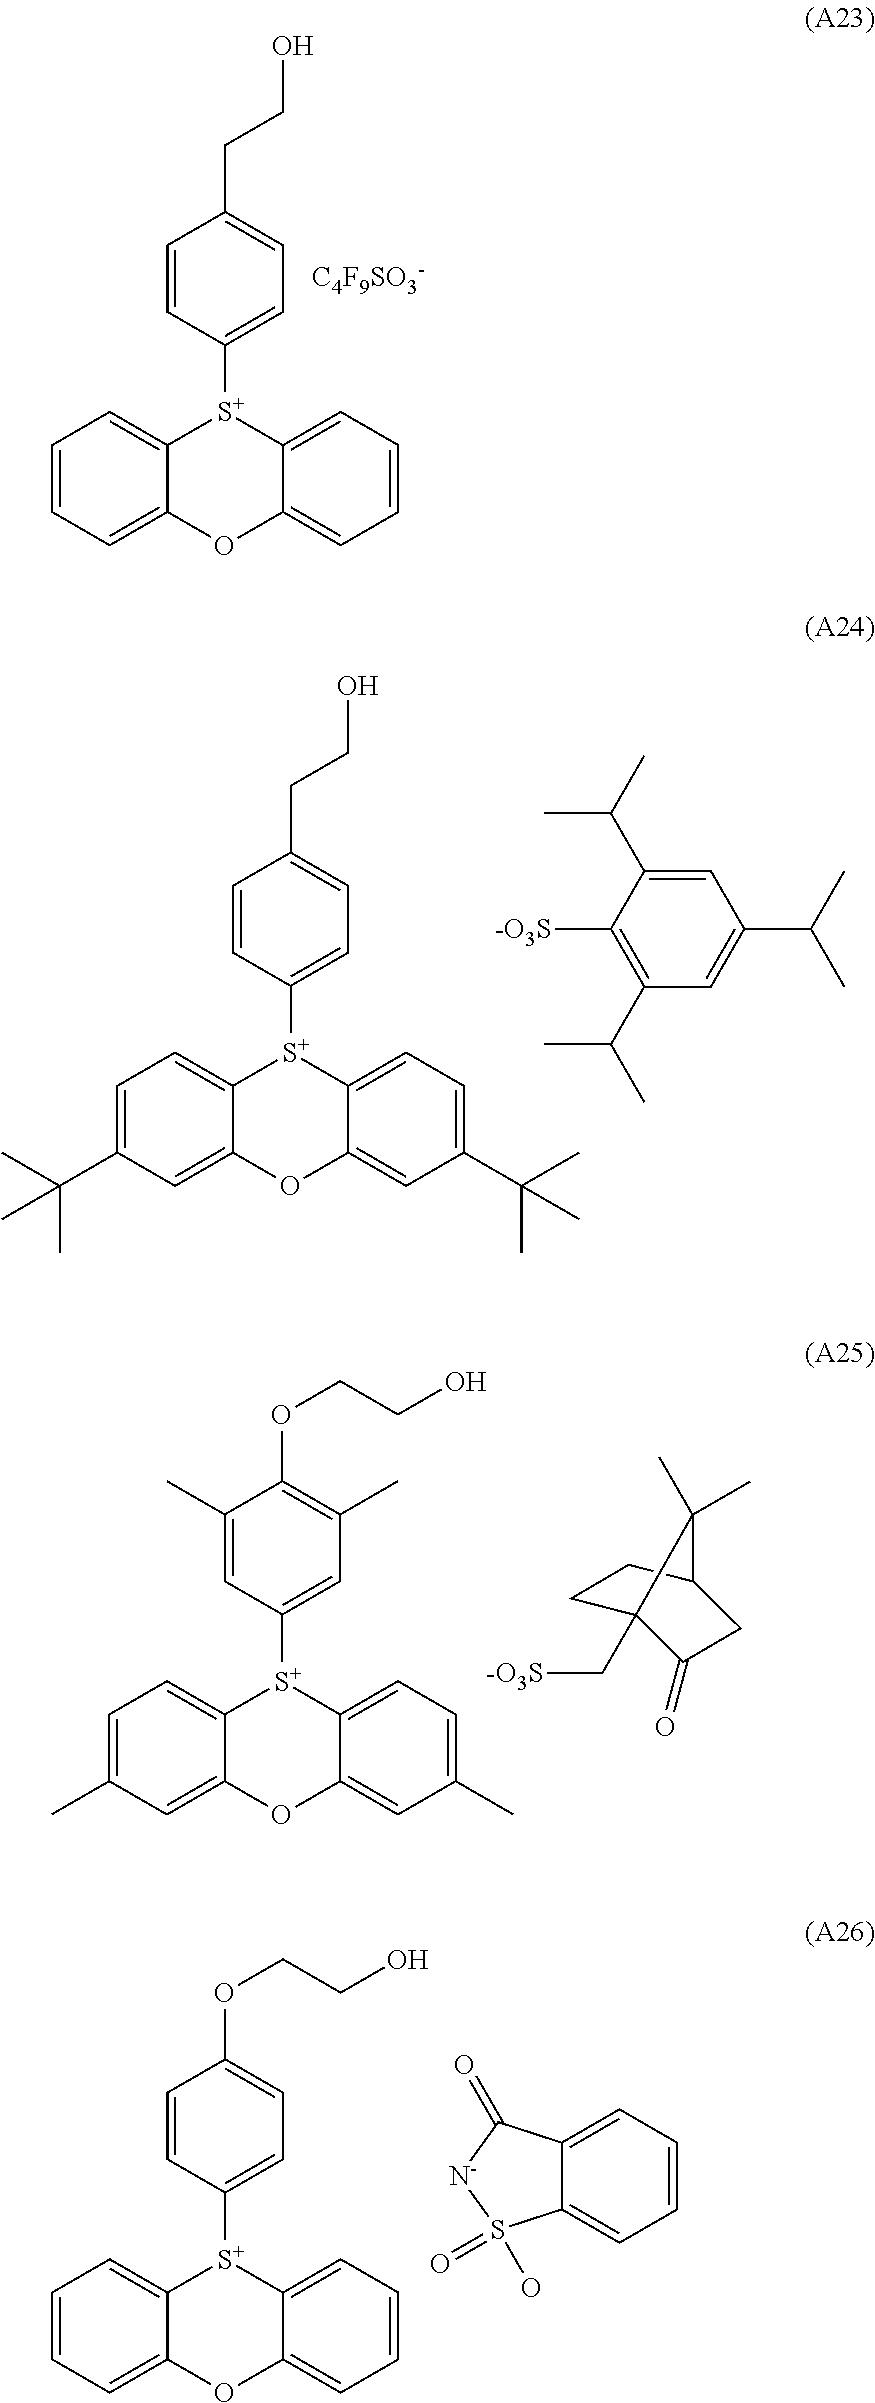 Figure US20110183258A1-20110728-C00026